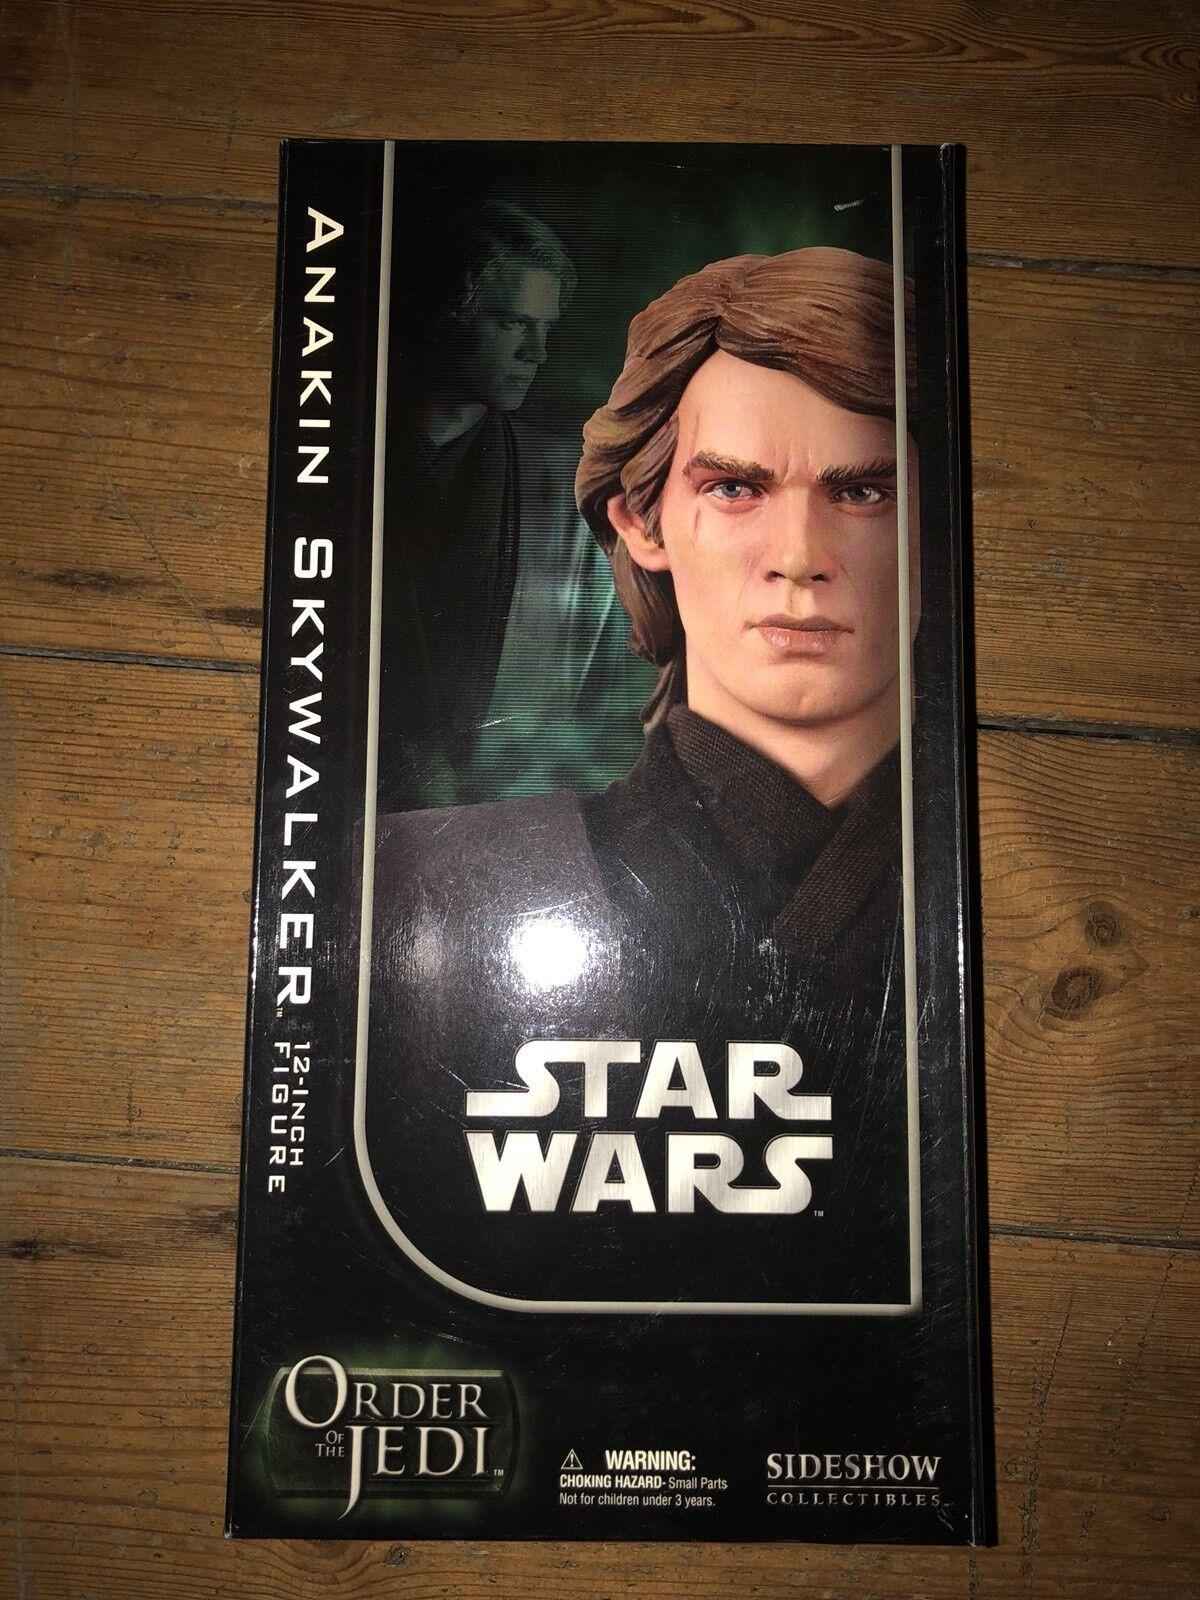 Sideshow Star Wars 0rder Of The Jedi Anakin Skywalker Skywalker Skywalker  AFSSC511 d7e49c